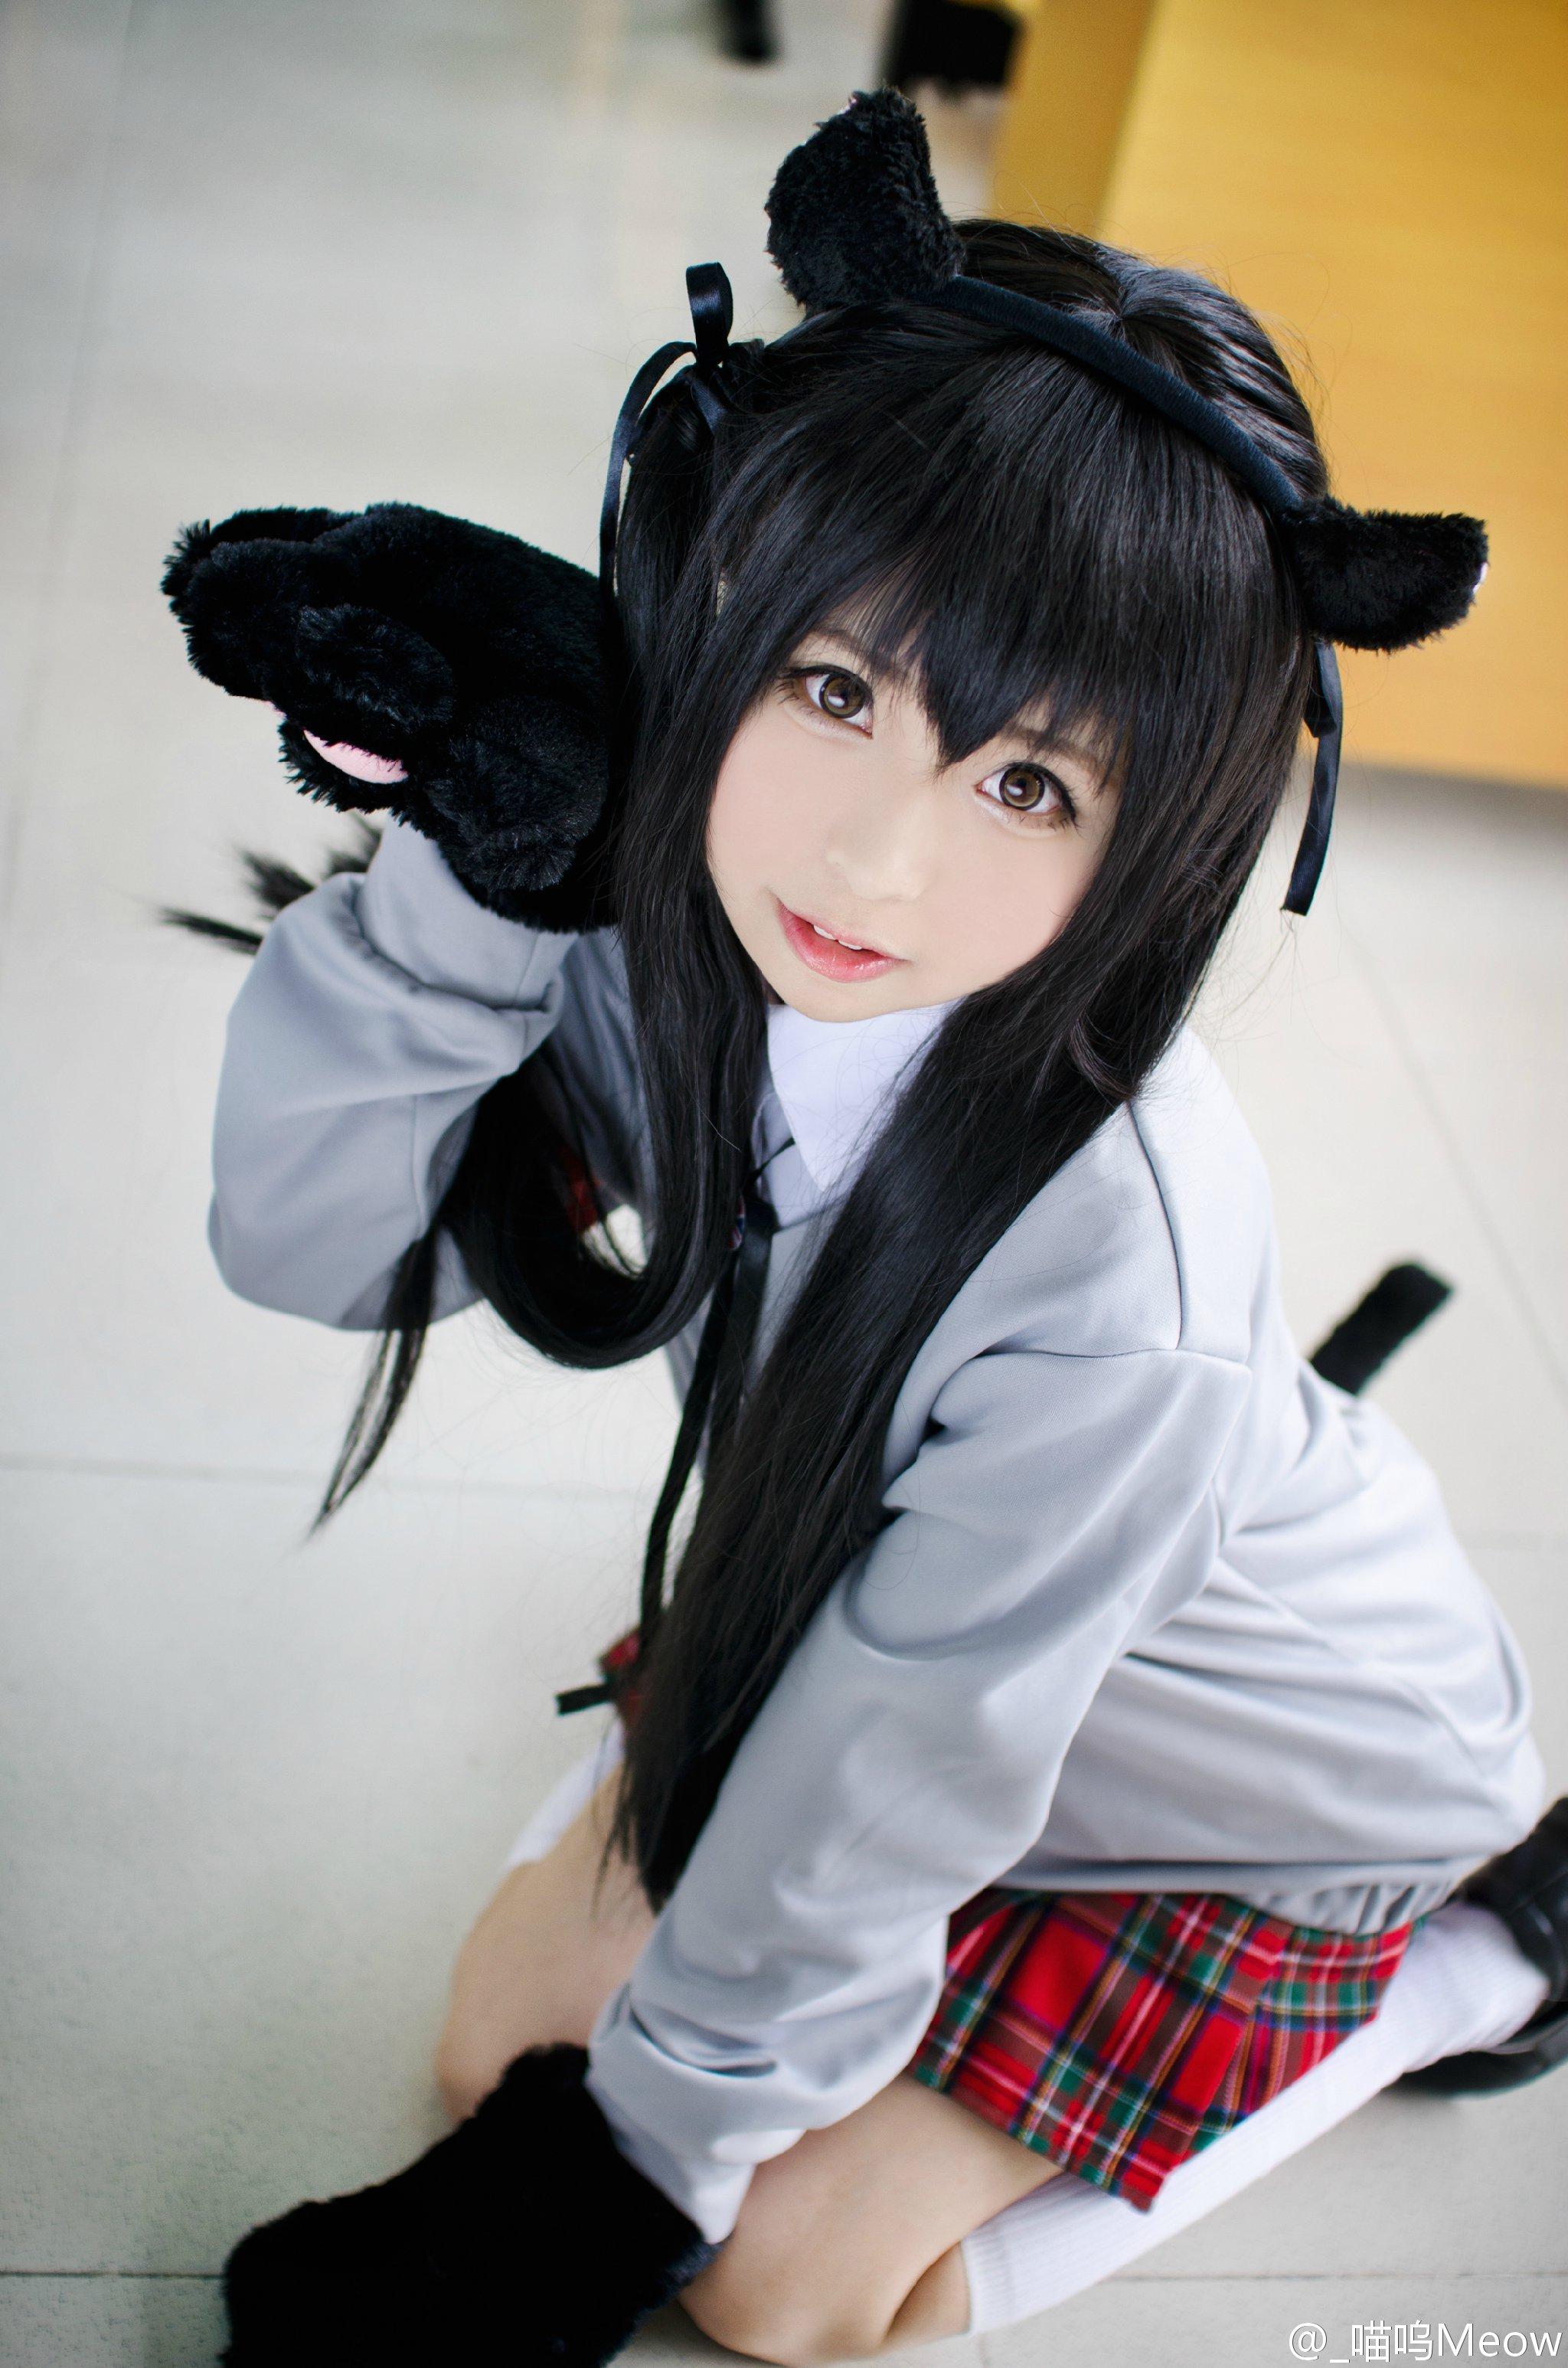 【贫乳才是王道】148cm超萌萝莉「喵呜Meow」激起宅男们绅士之魂!